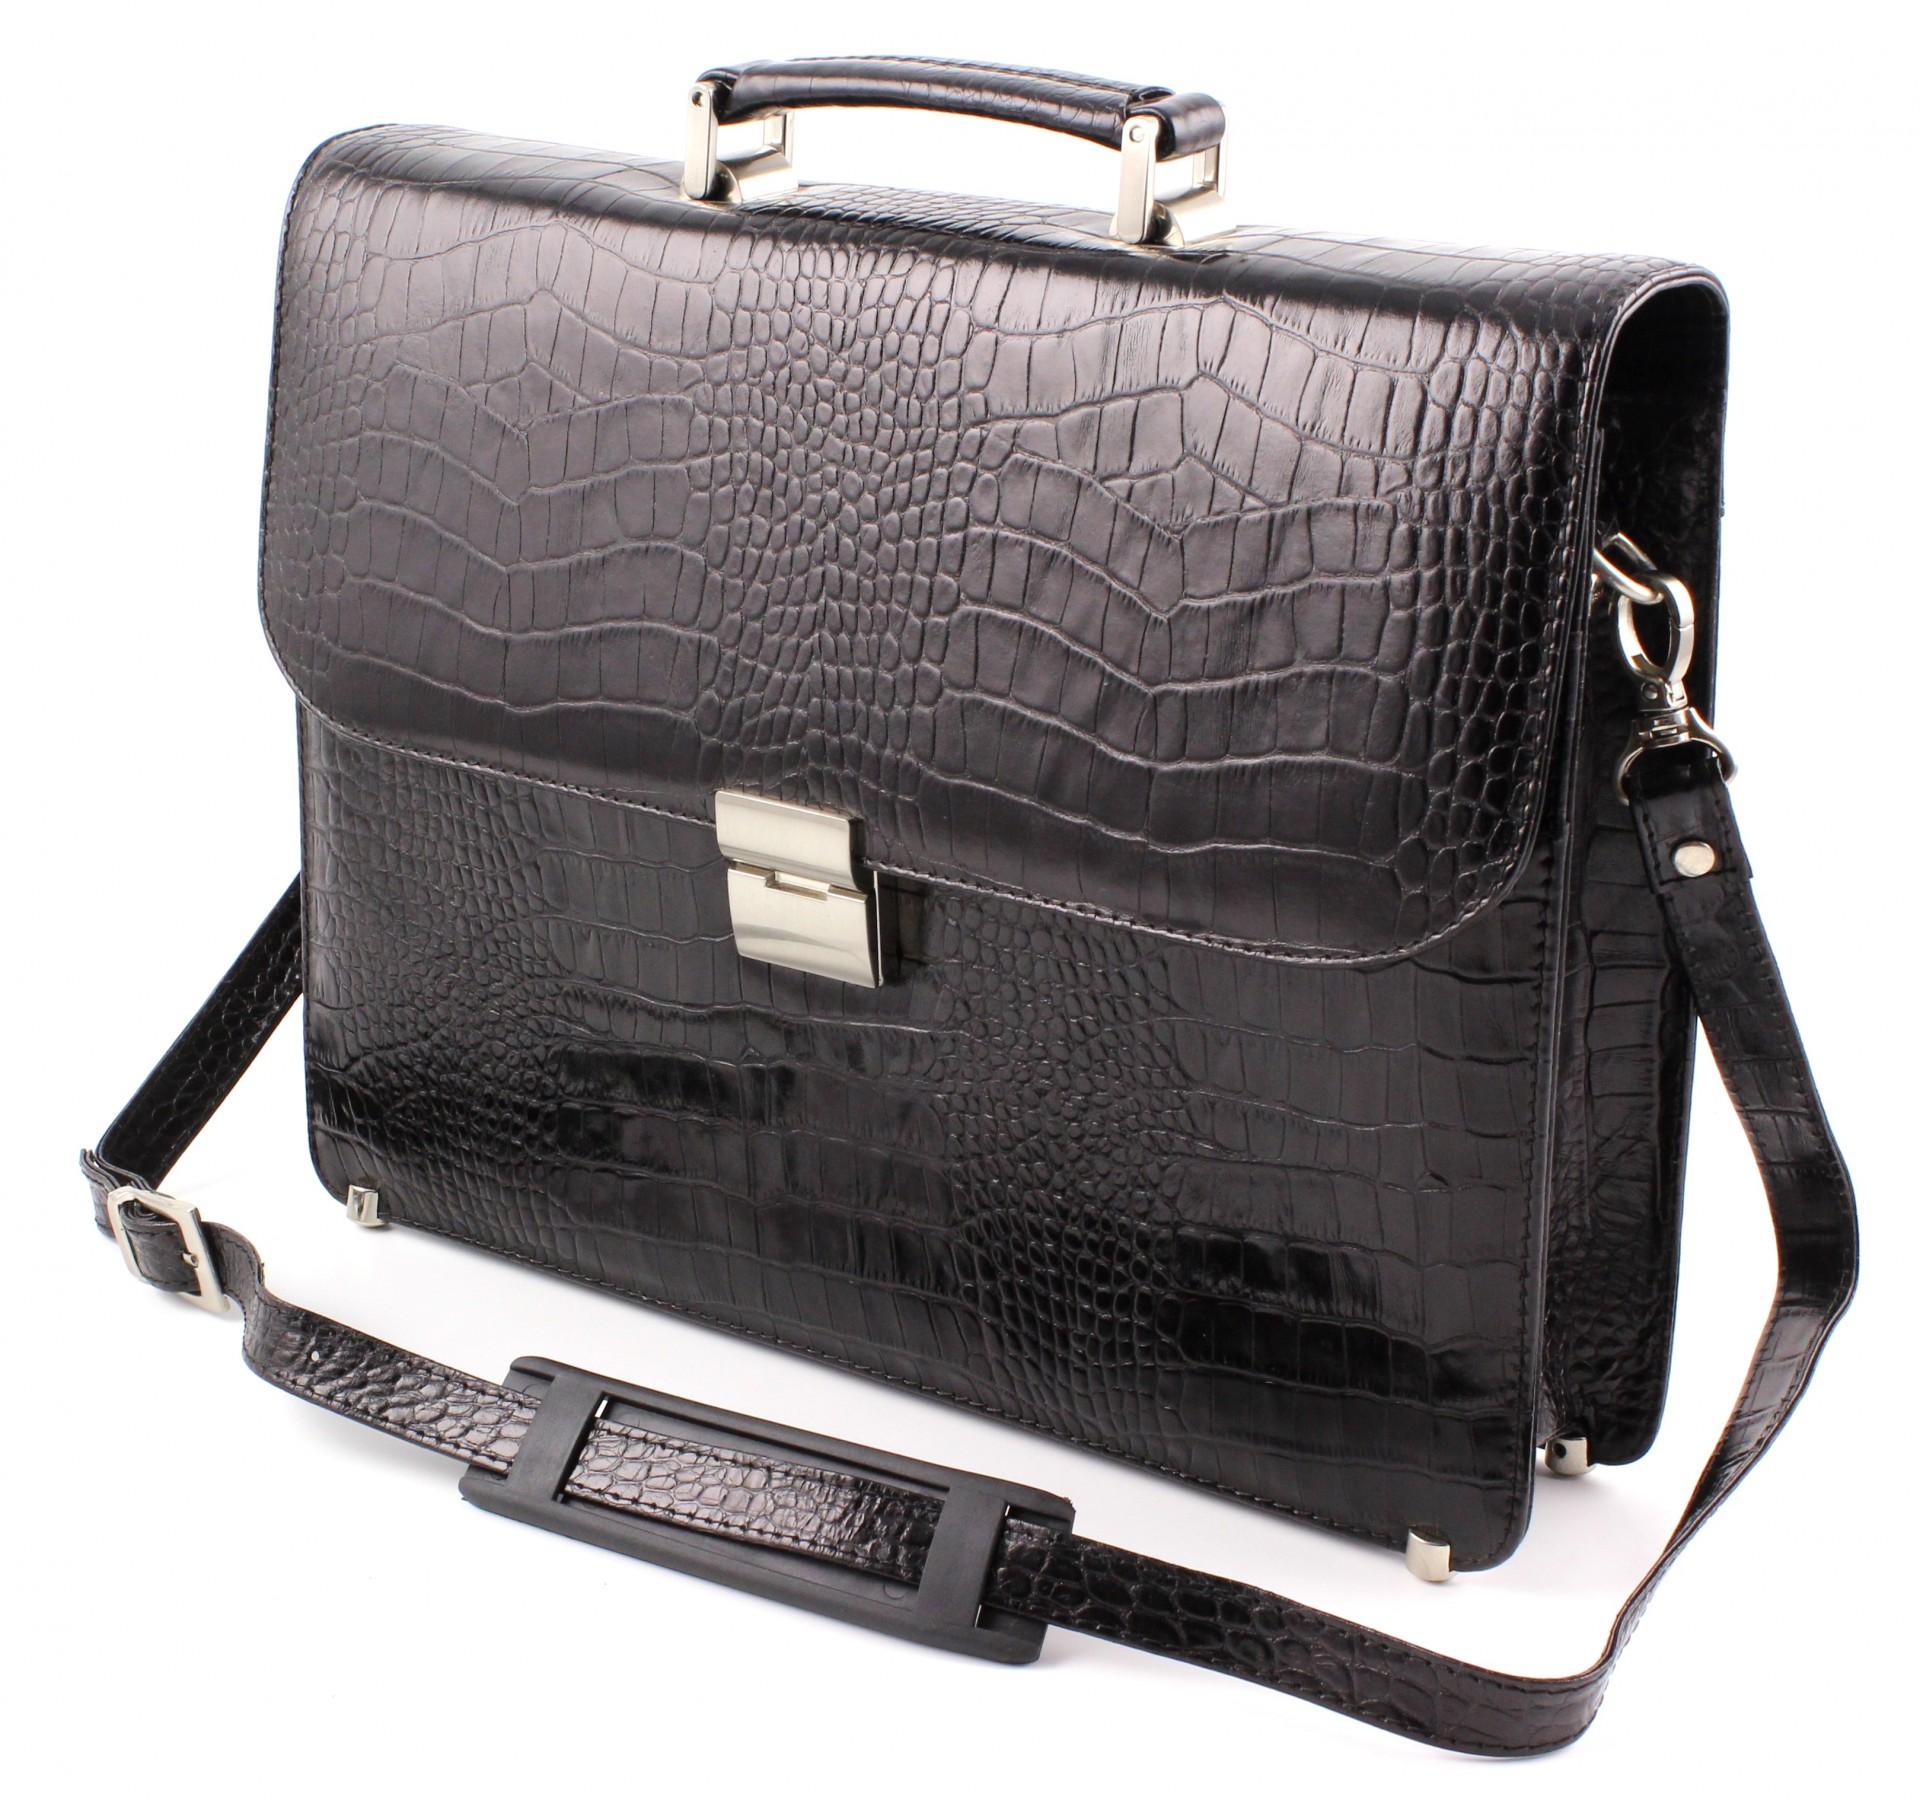 2f63086bdeae Кожаный мужской портфель турецкого бренда Karya с фактурой крокодила (10265)